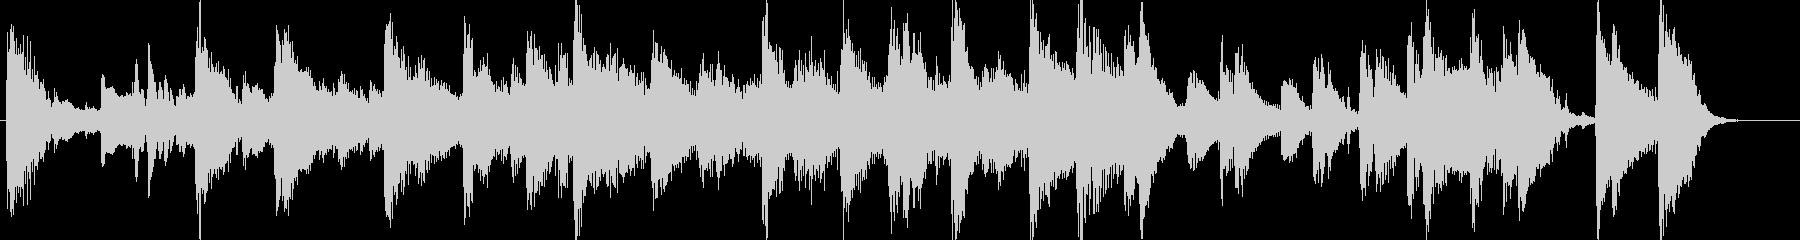 CM用BGM出囃子クリスマスpopピアノの未再生の波形